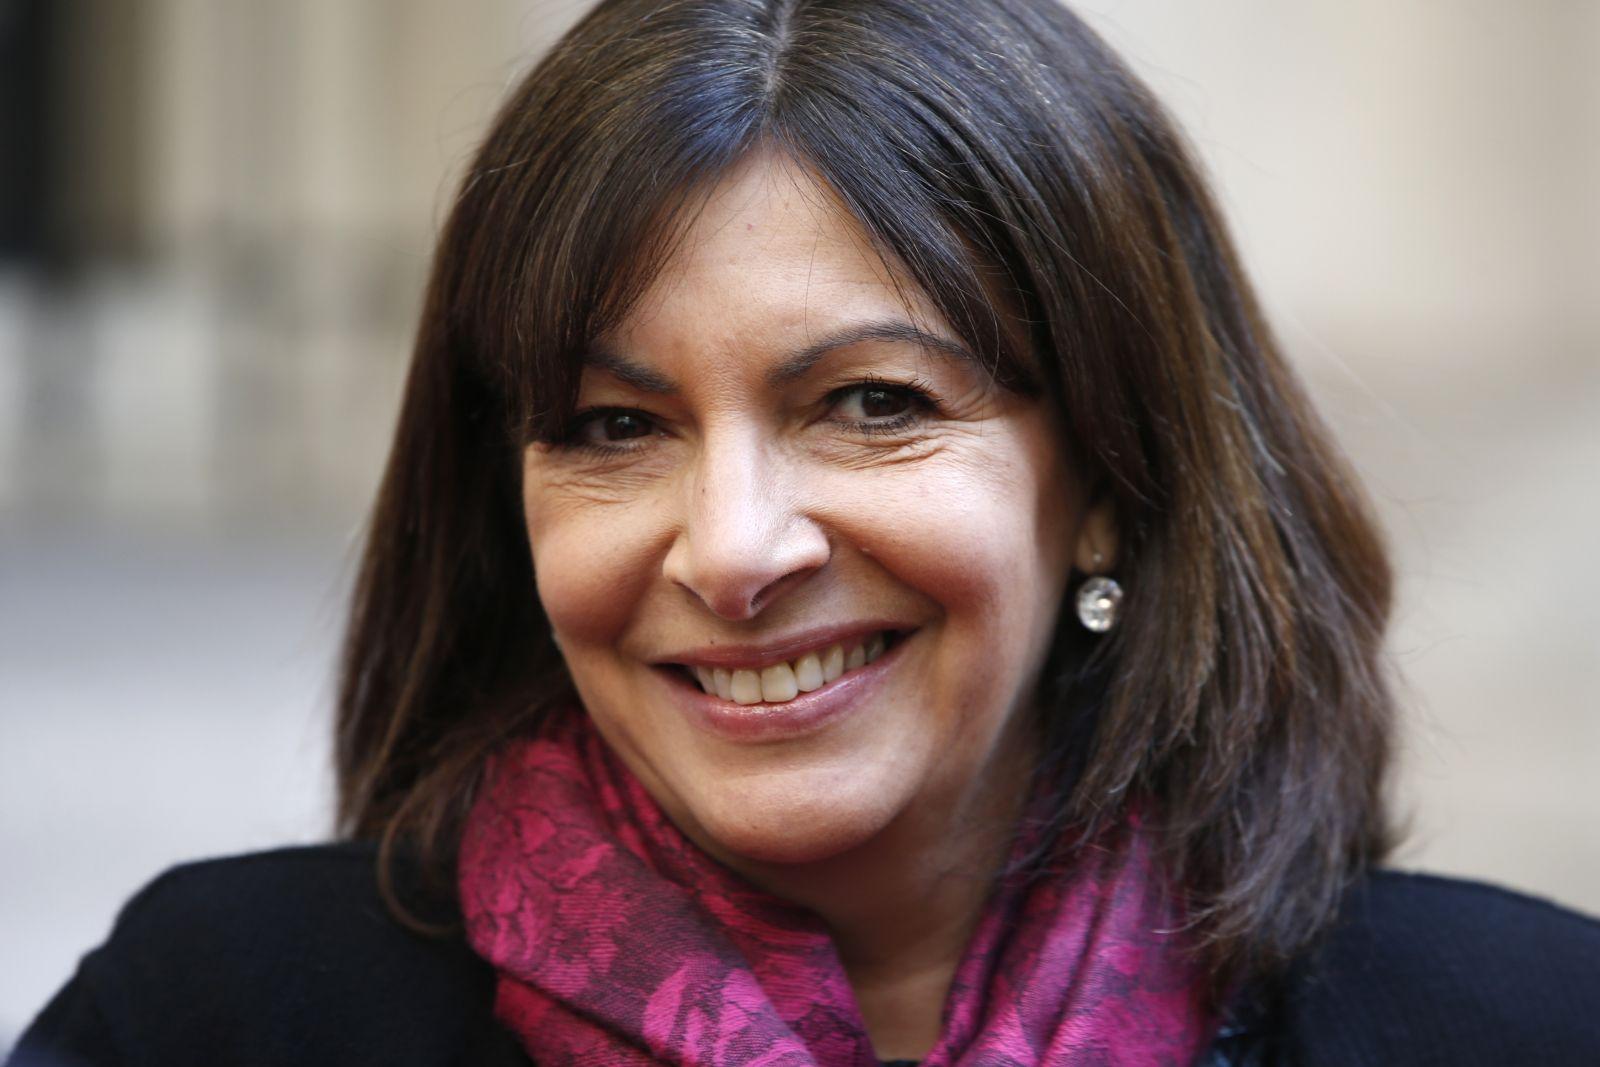 Anne Hidalgo è tra le 100 persone più influenti del pianeta